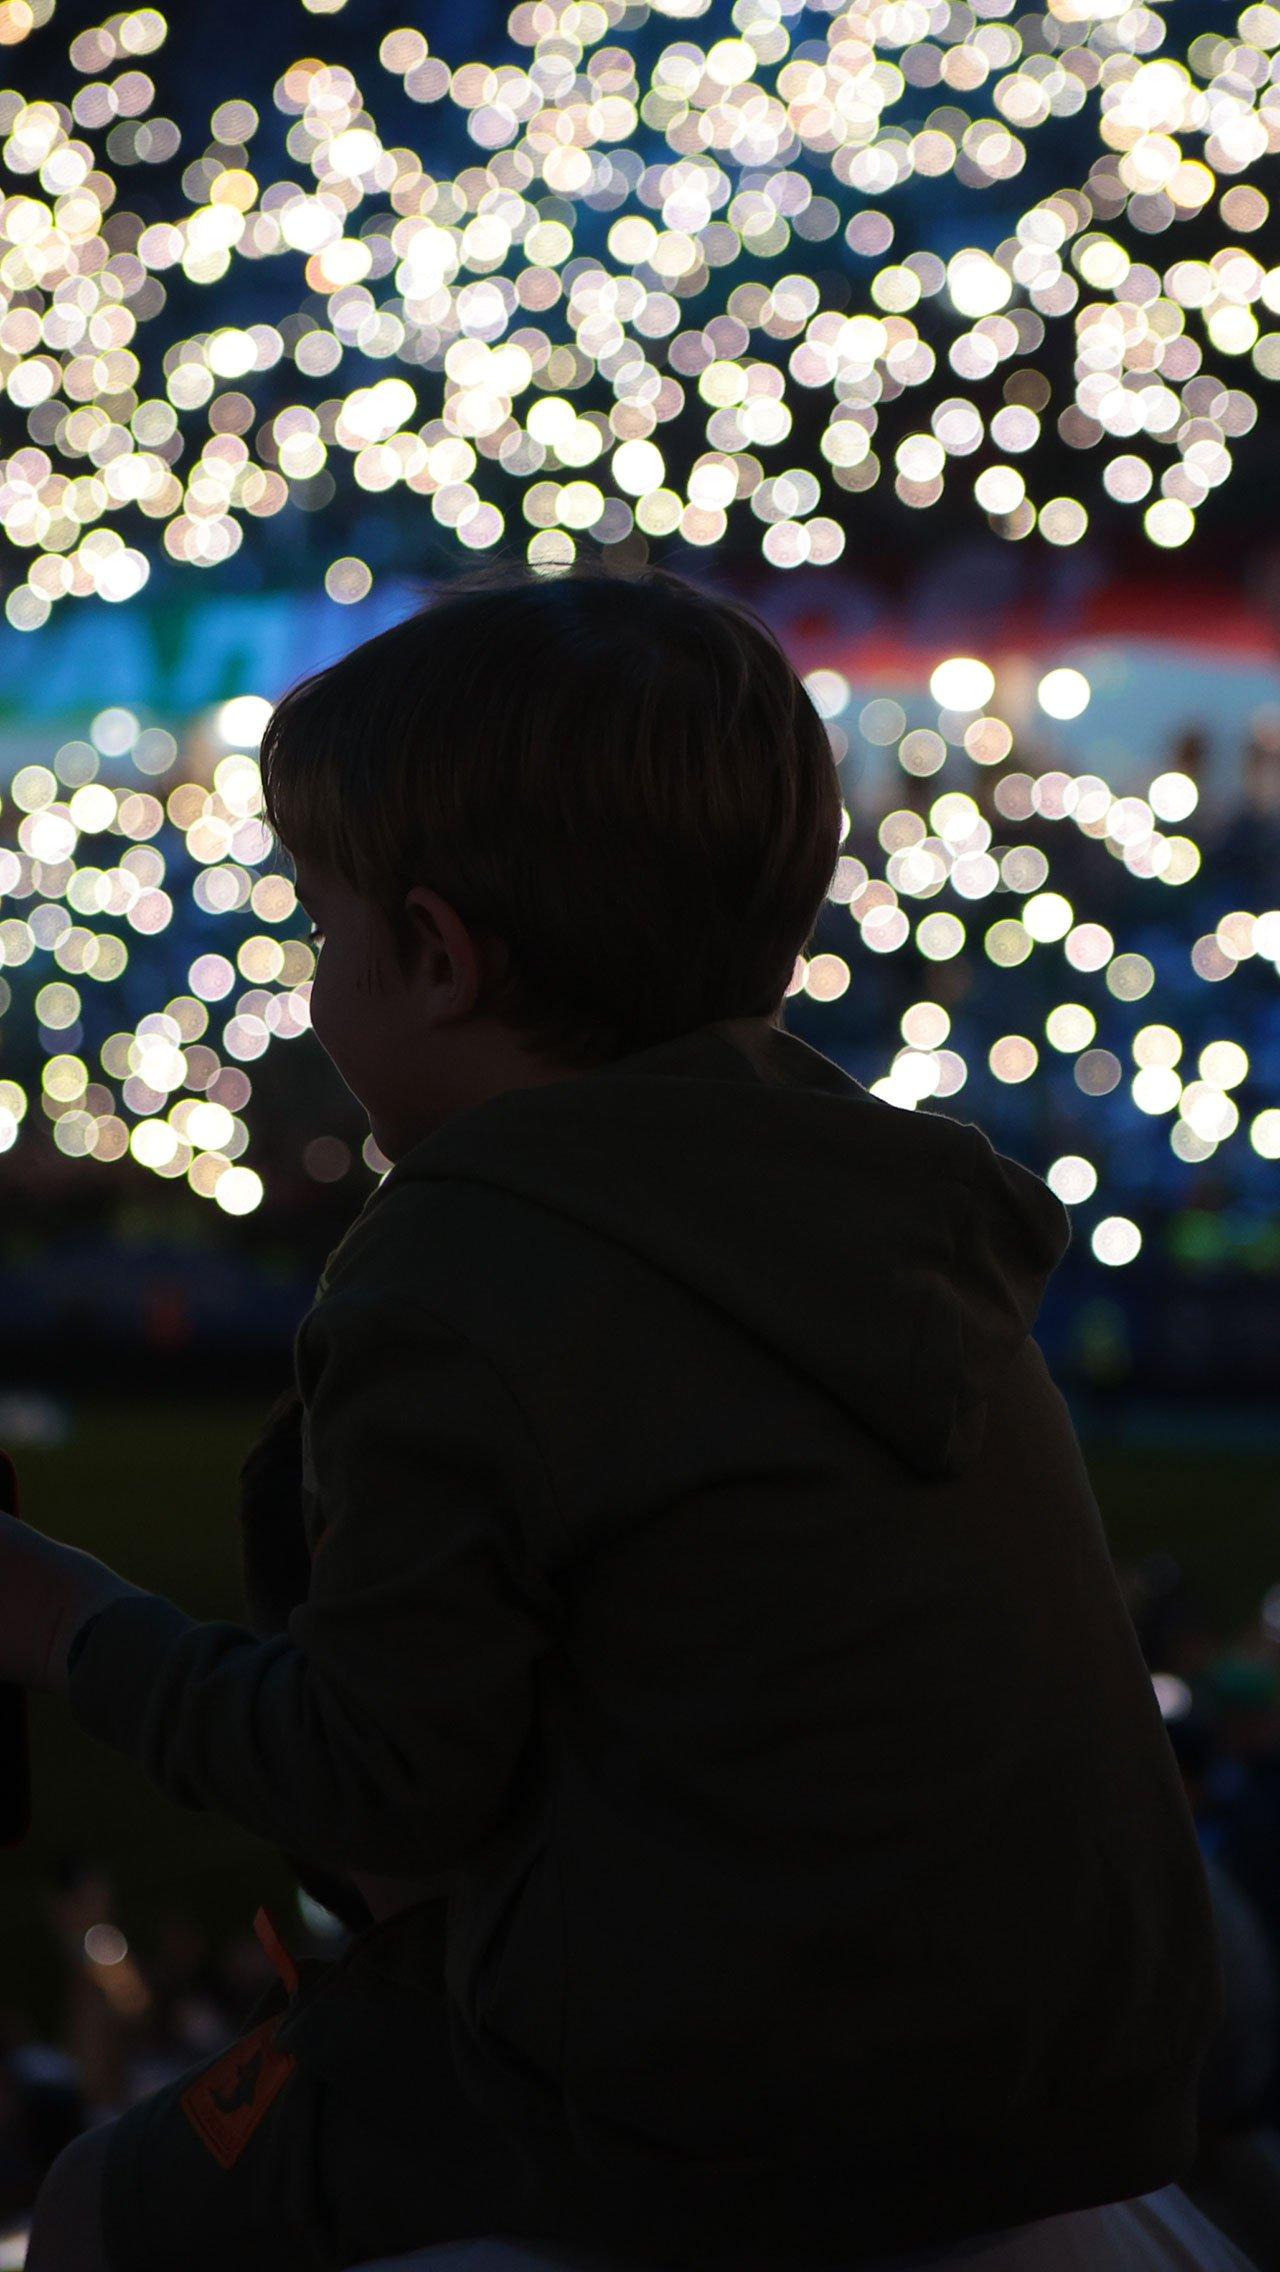 Финал Кубка состоялся на стадионе «Нижний Новгород», где в честь чемпионов устроили красивое световое шоу.